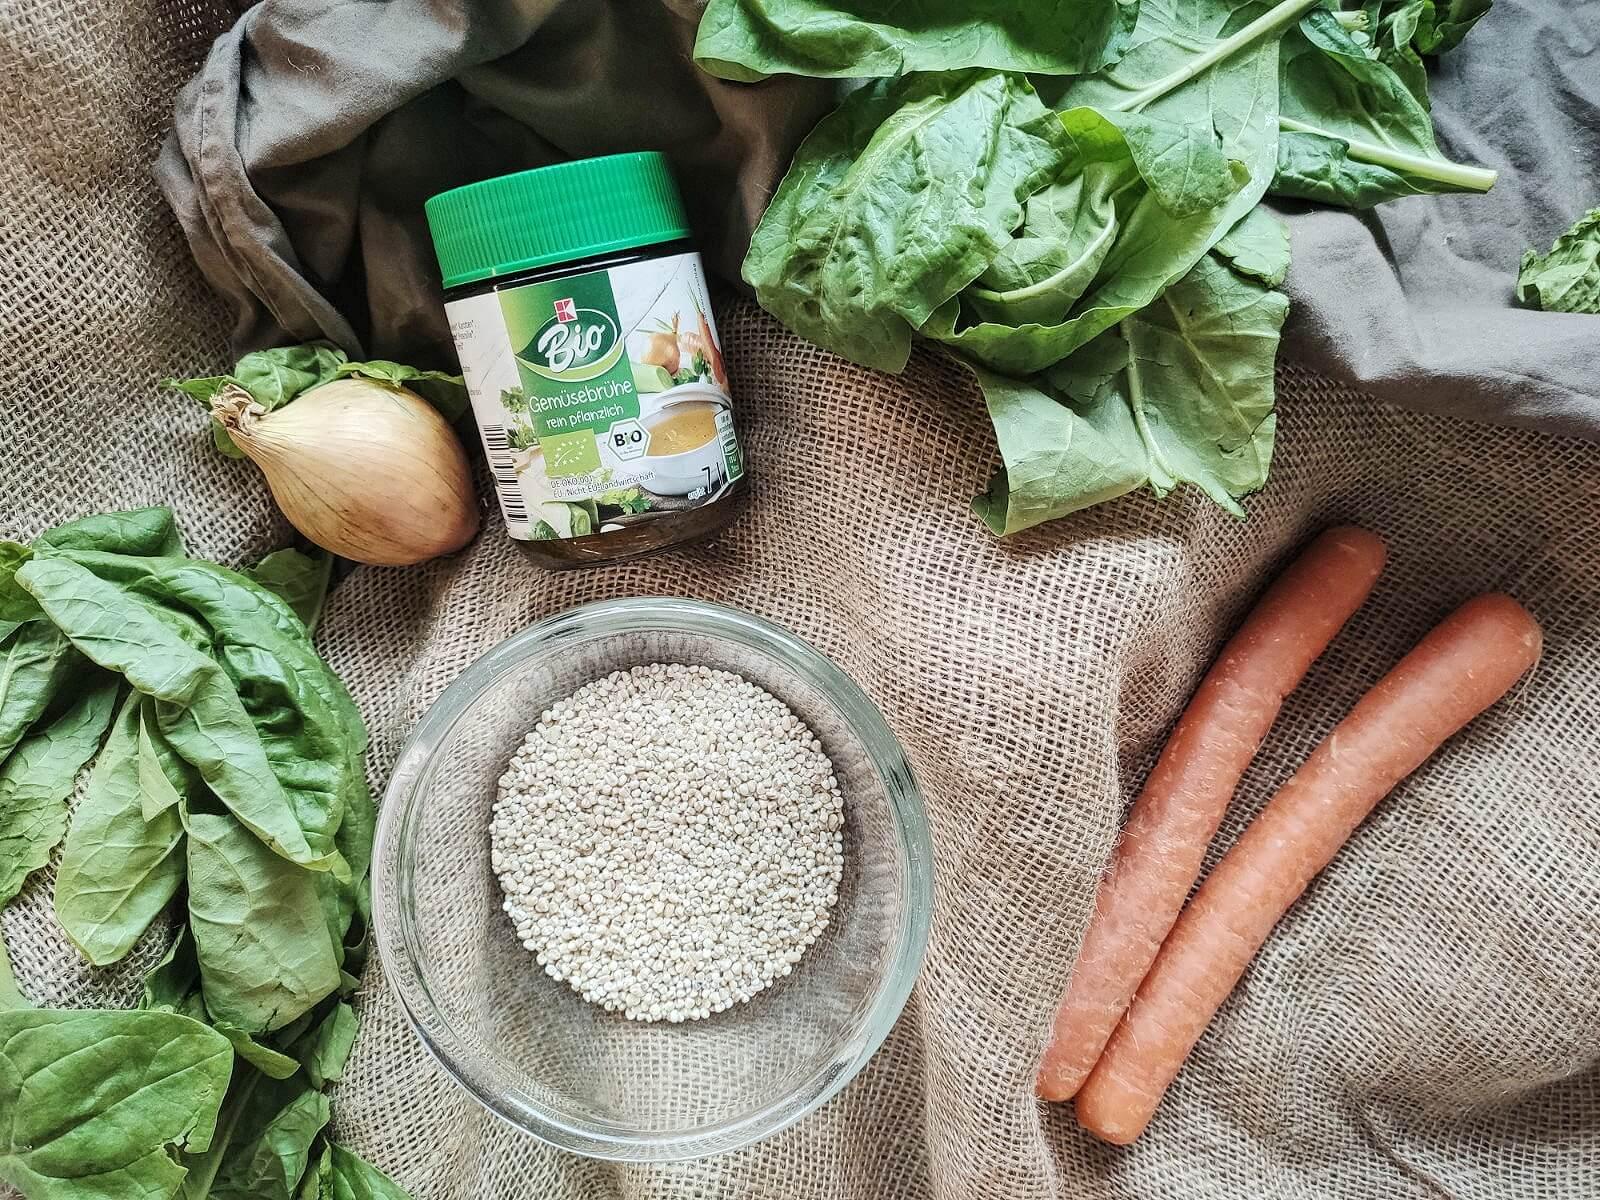 Ein leckeres Rezept aus wenigen, aber frischen Zutaten: Graupenrisotto mit Möhren und Babyspinat